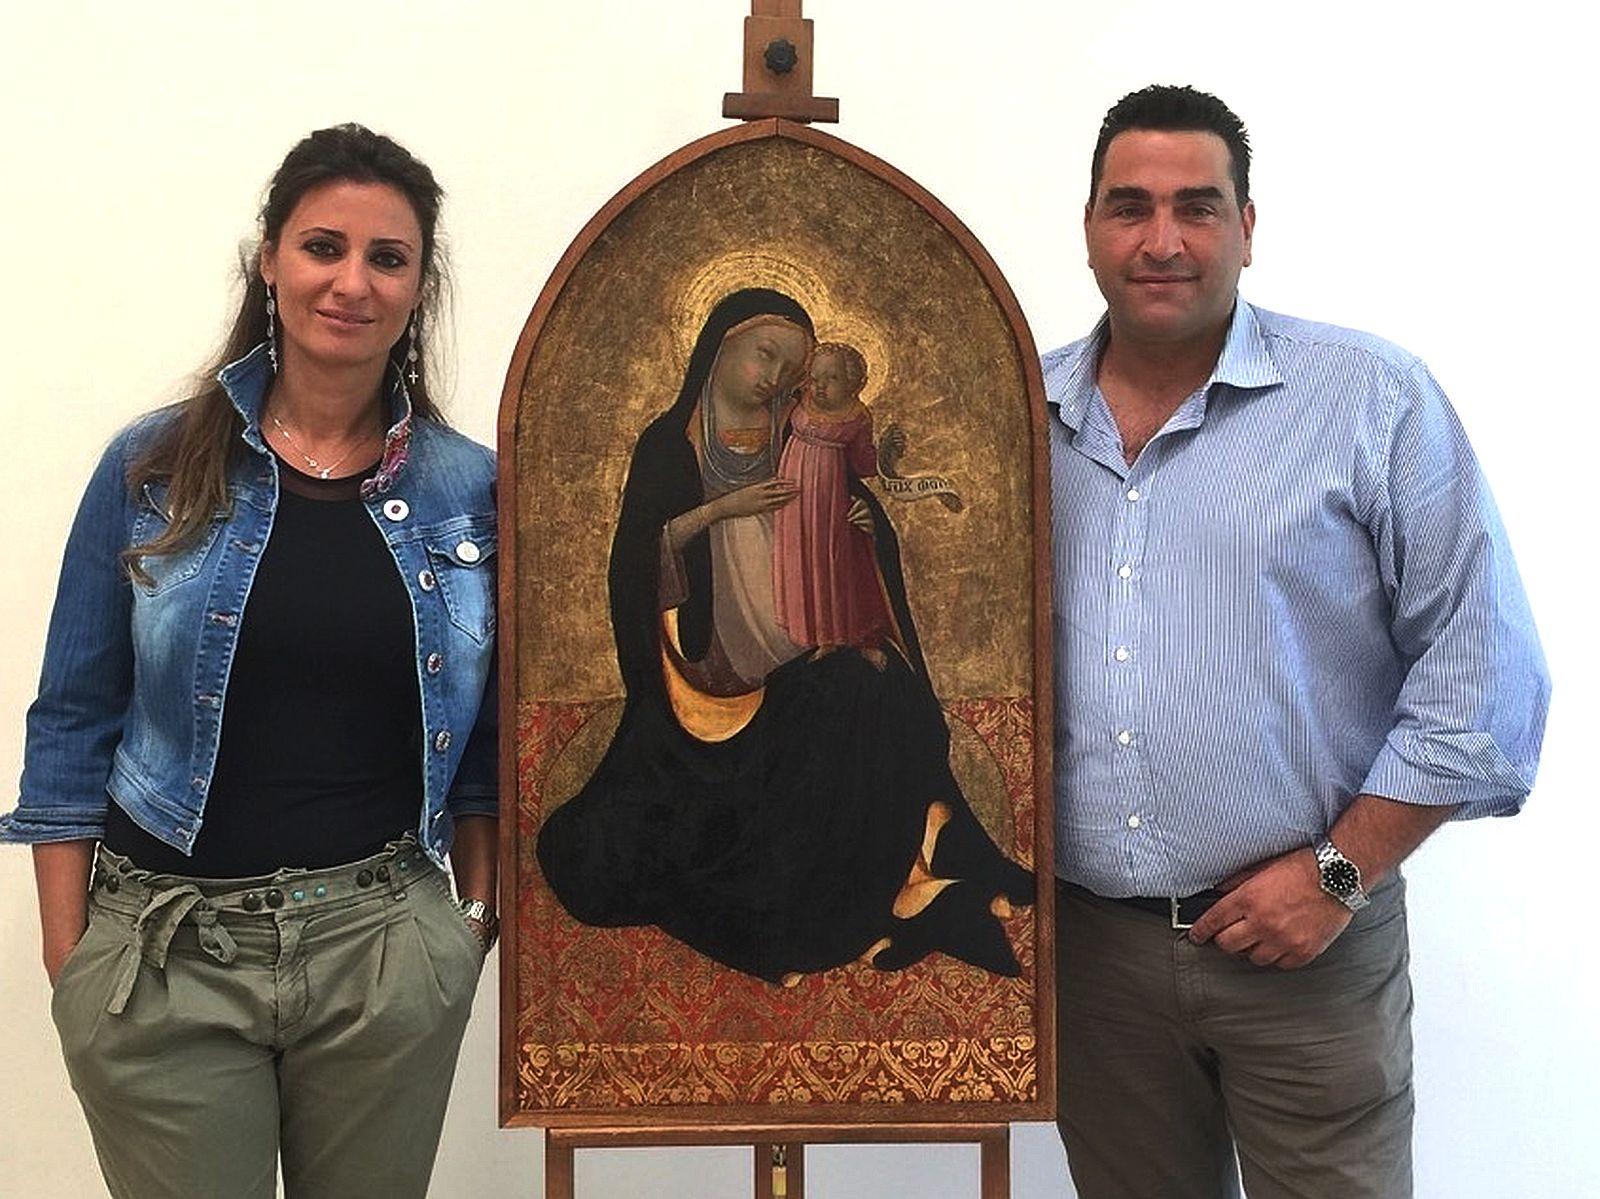 CAPOLAVORO RESTAURATO di LORENZO MONACO IN MOSTRA ALLEXPO